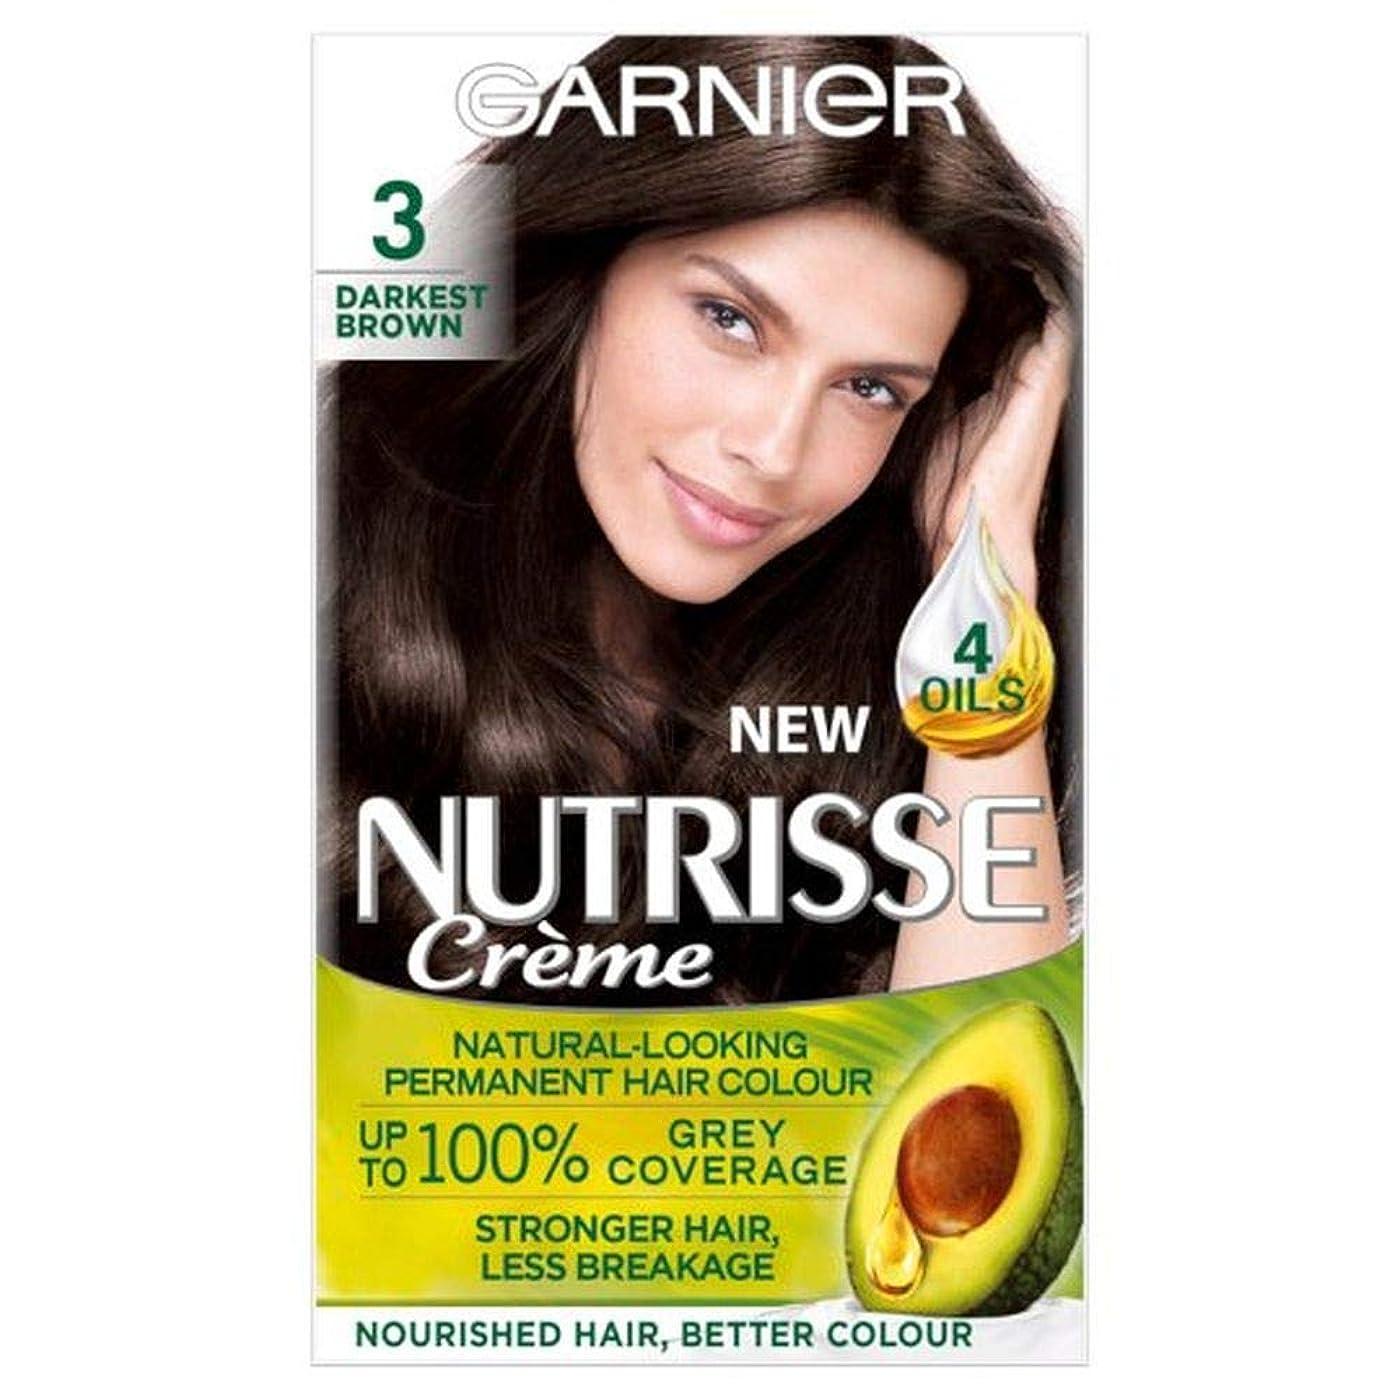 サイクロプス示すスラム[Nutrisse] ガルニエNutrisse最も暗い茶色の永久染毛剤 - Garnier Nutrisse Darkest Brown Permanent Hair Dye [並行輸入品]